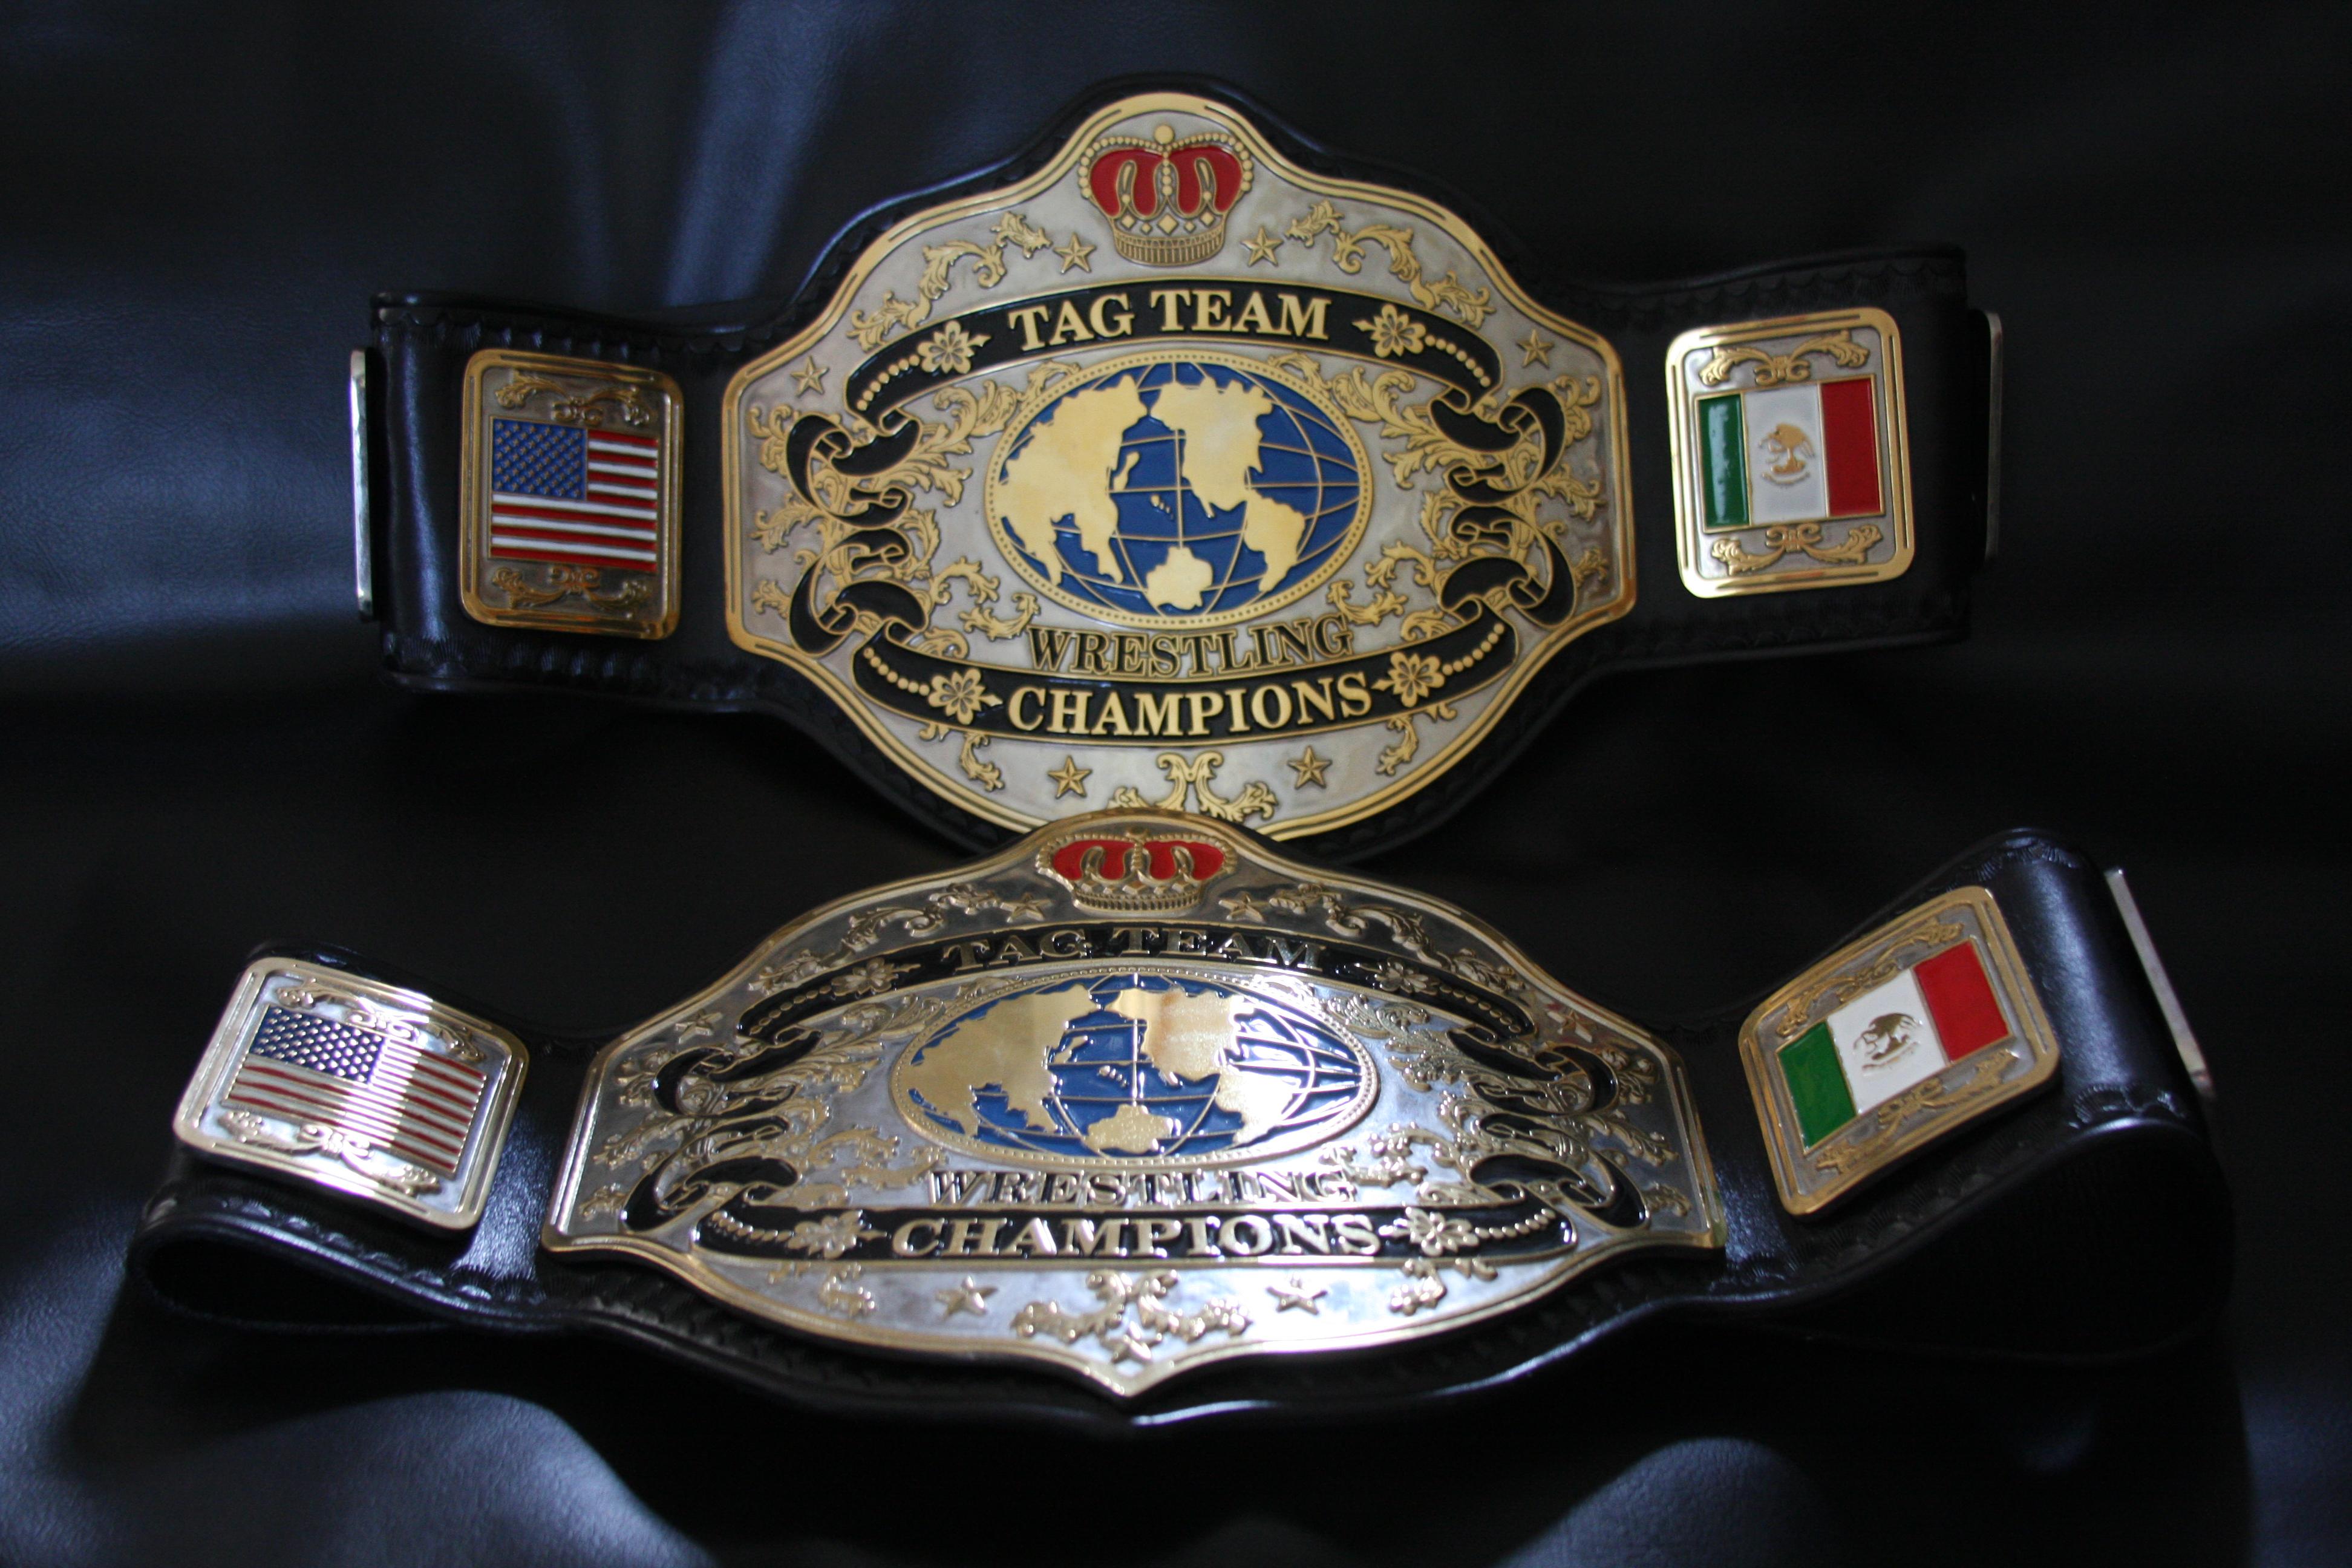 nawf-tag-team-championship-belts.jpg